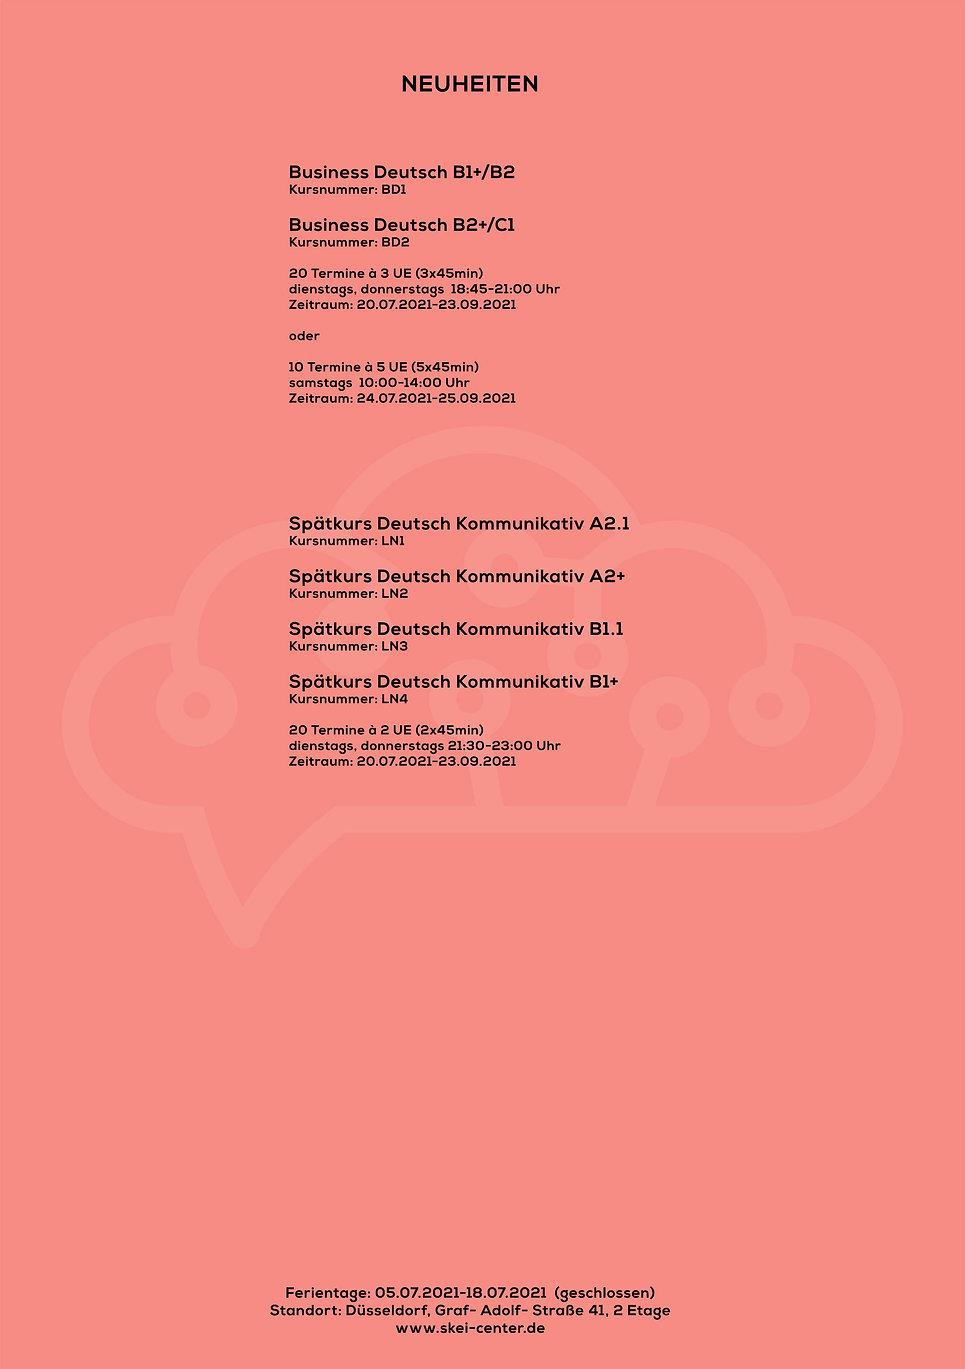 Kursprogramm NEUHEITEN_06072021 Kopie.jpg